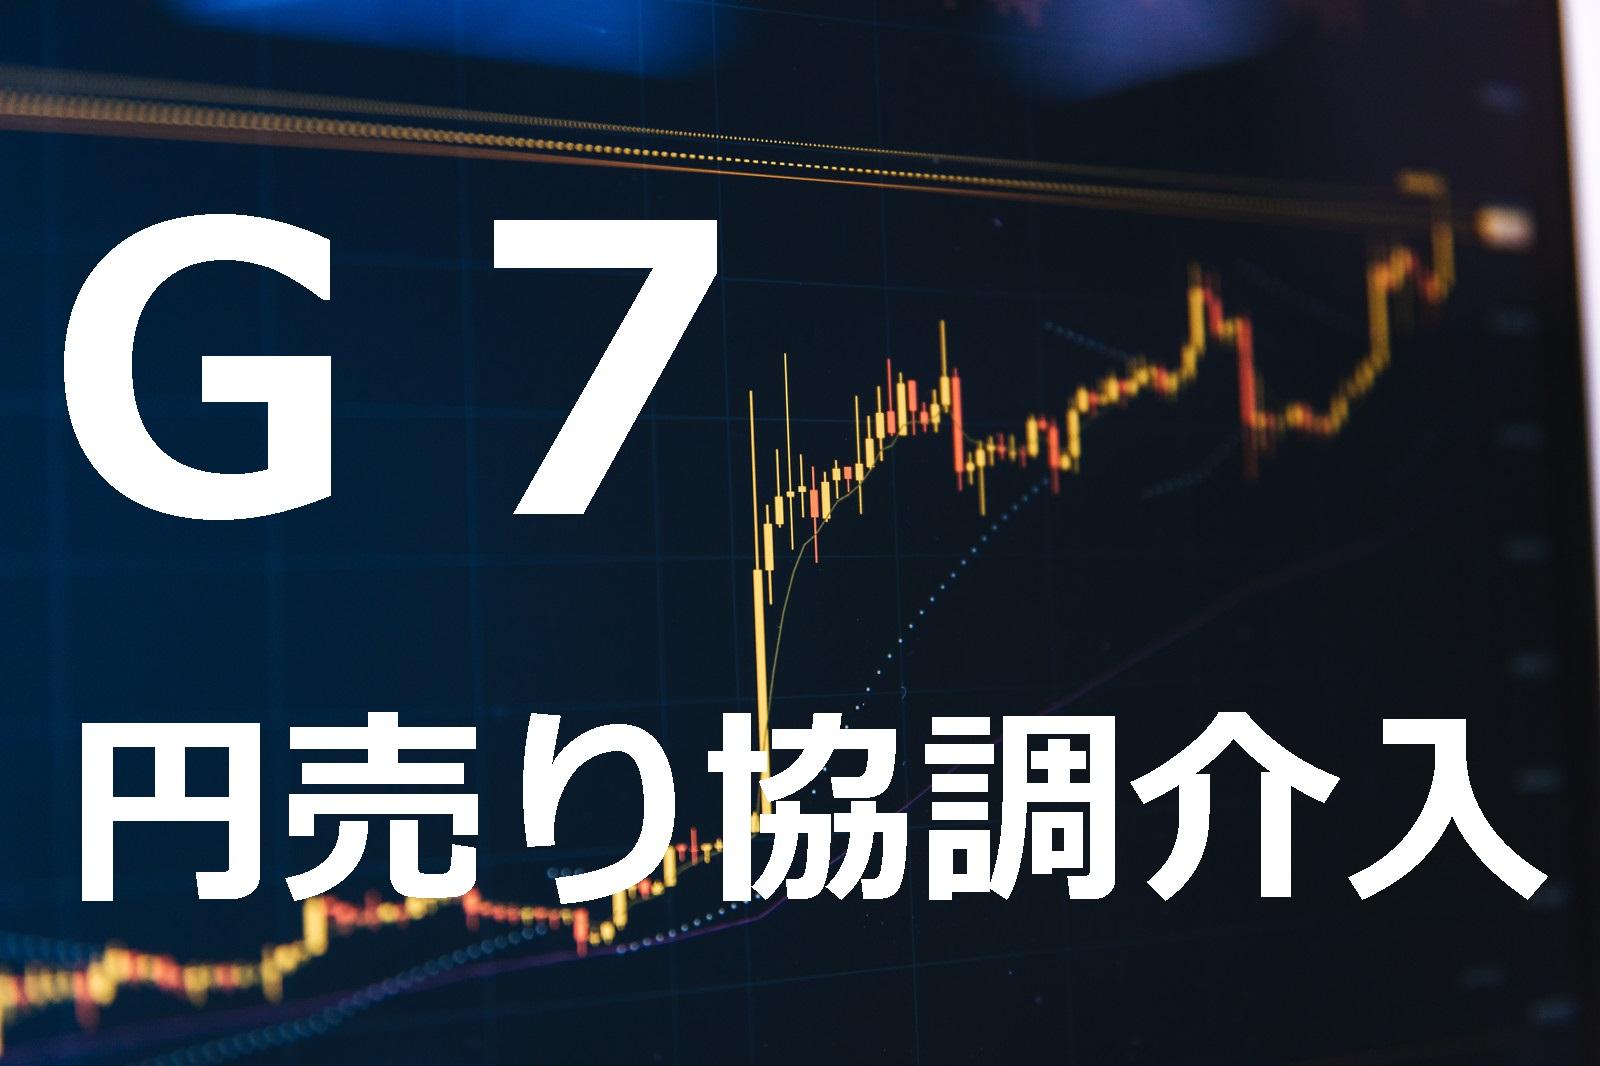 ドル円、G7による円売り協調介入で急反転